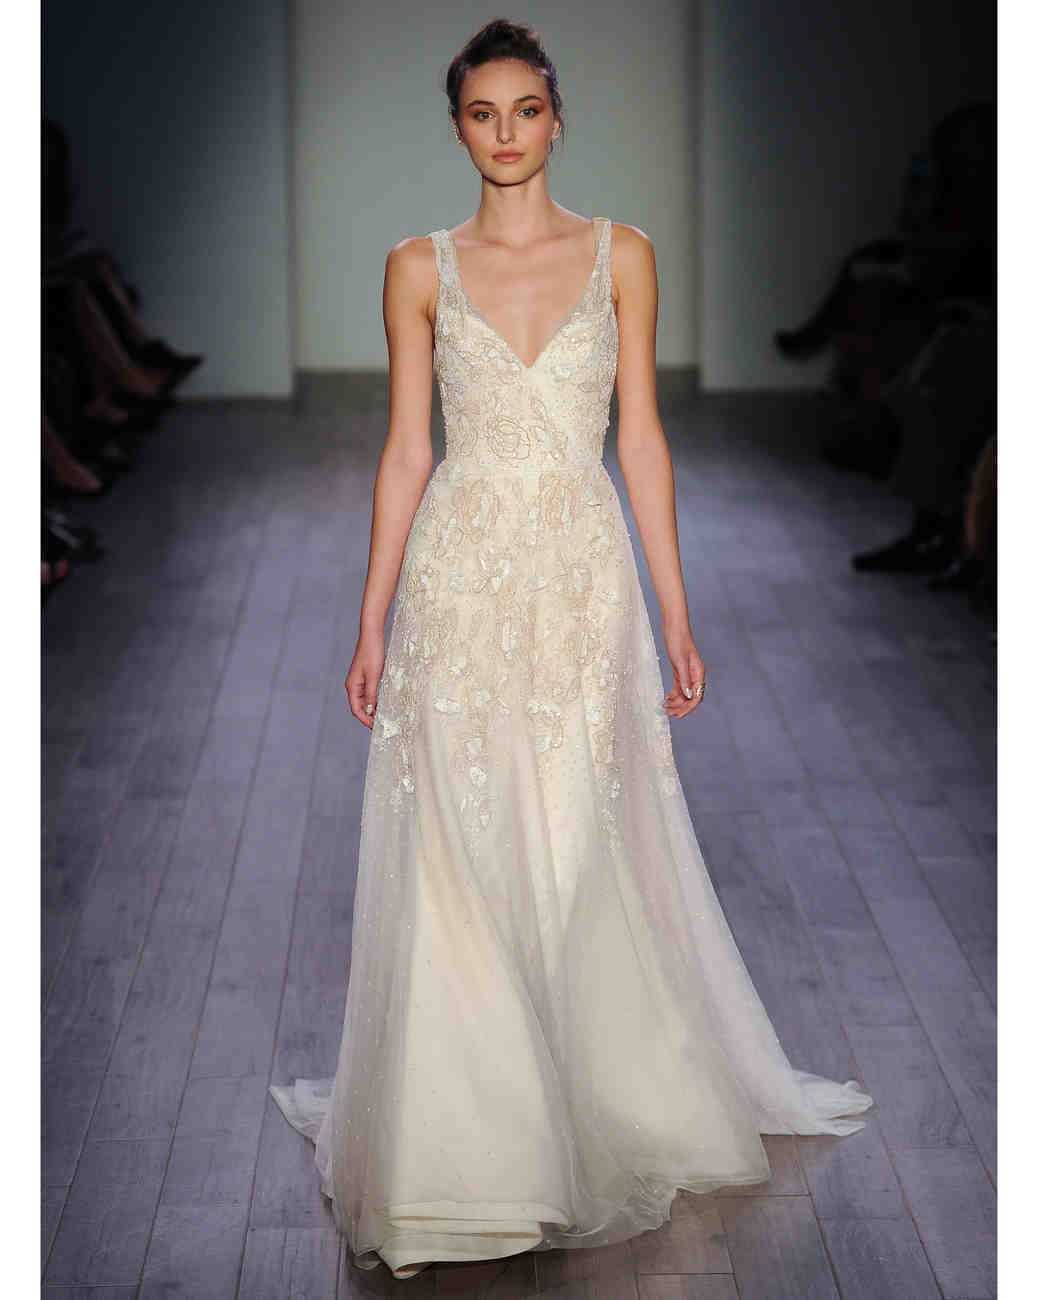 Straight from the runway, bridal designer Jim Hjelm's ...